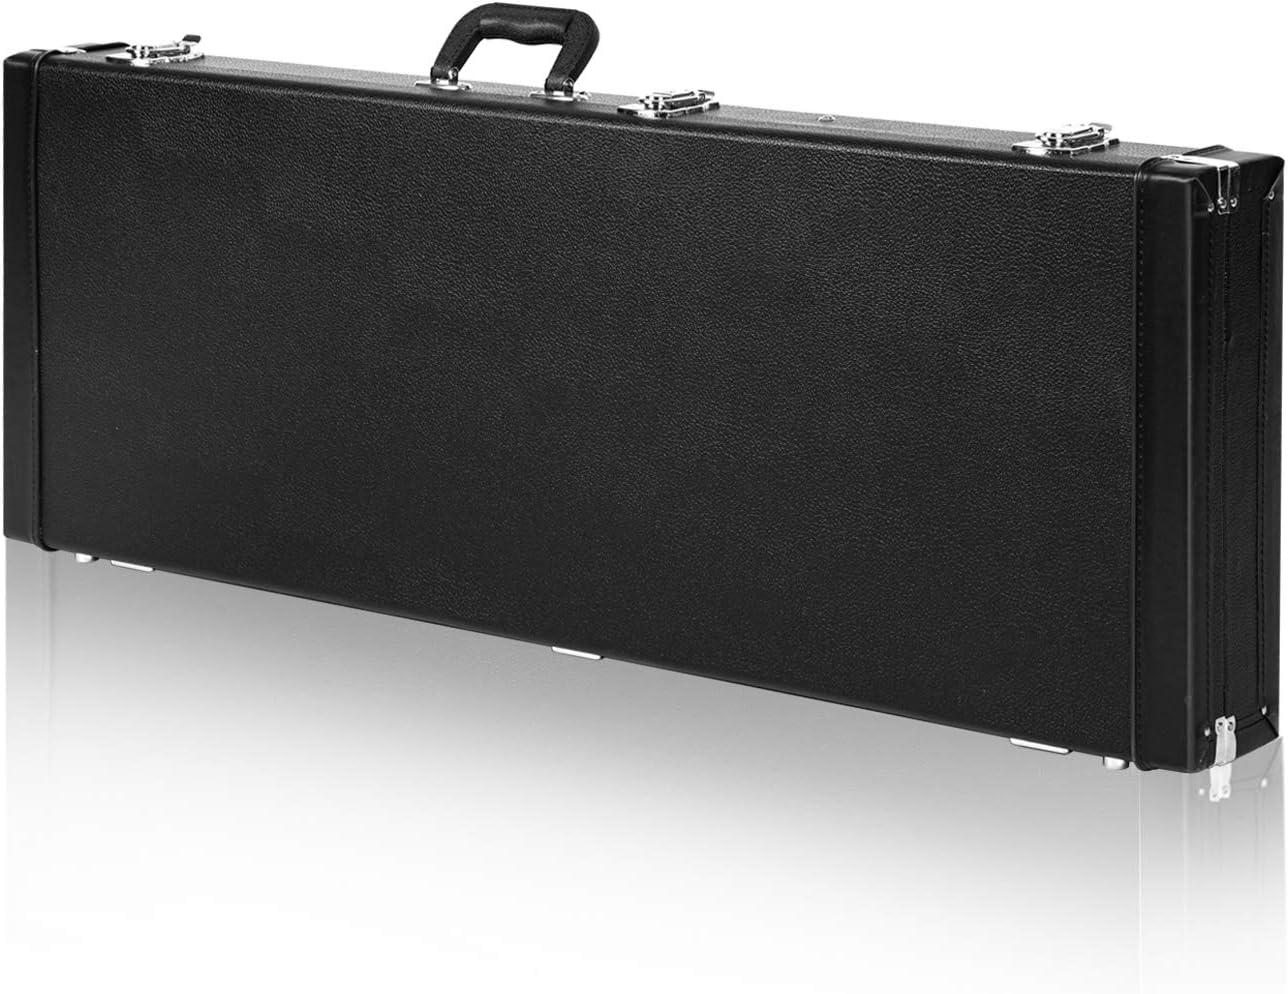 CAHAYA Estuche para Guitarra Electrica con Compartimento Interior Funda Rigida Guitarra Eléctrica Color Negro